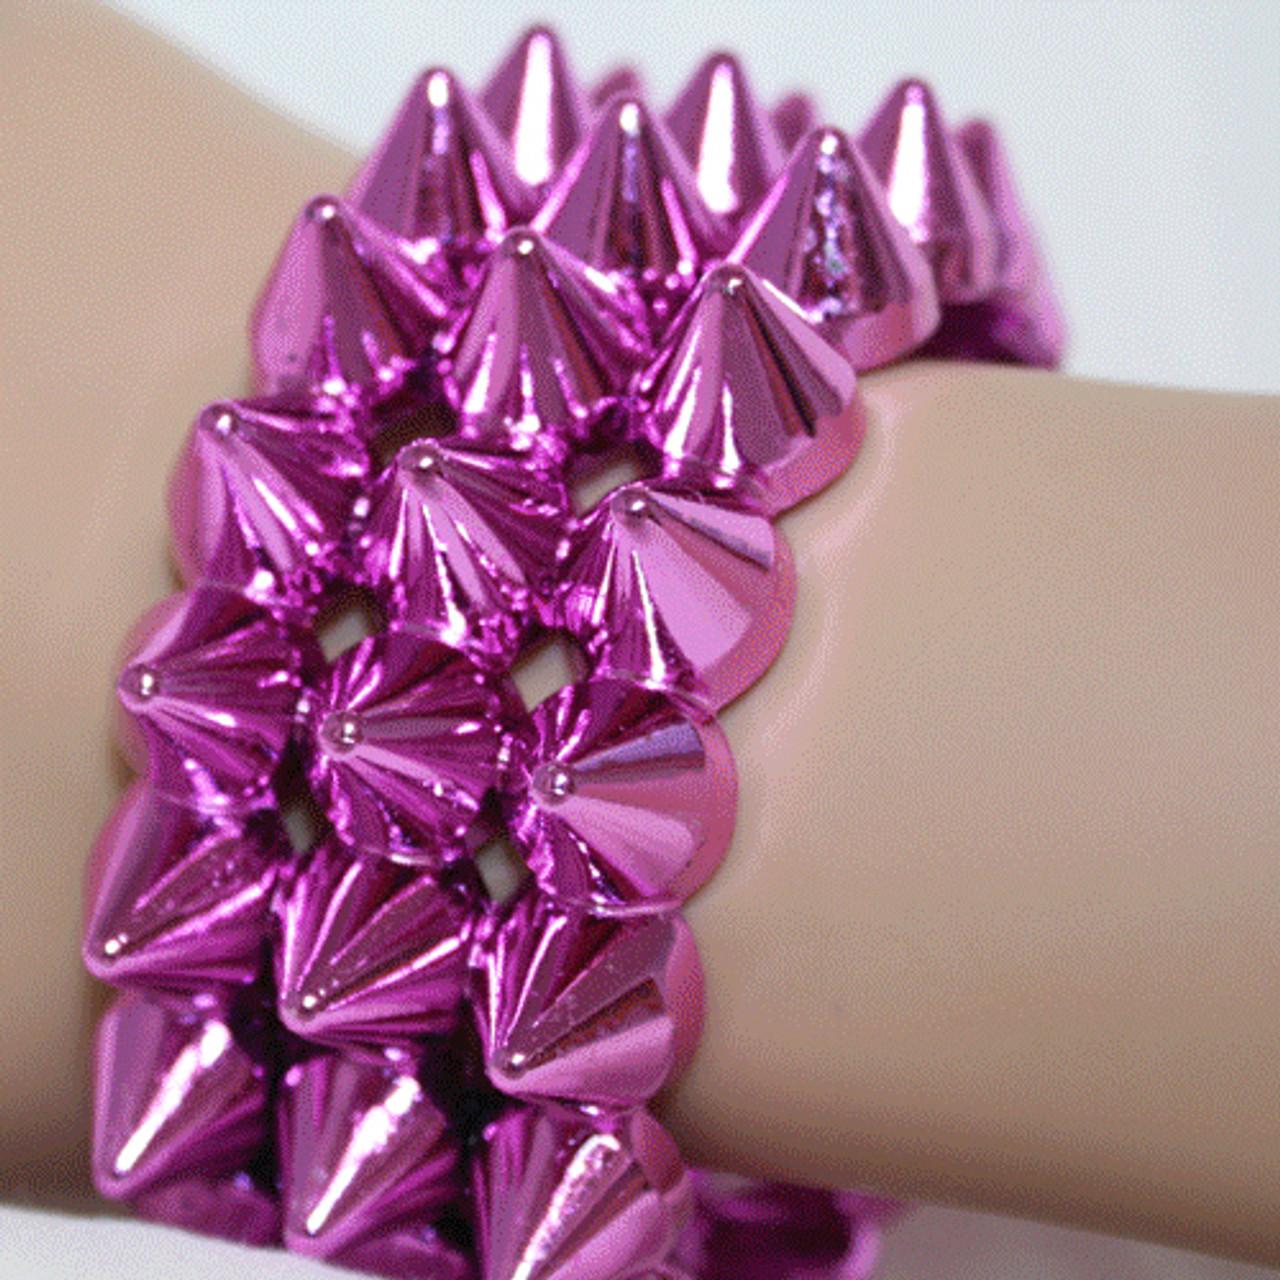 Hot pink spiked bracelets